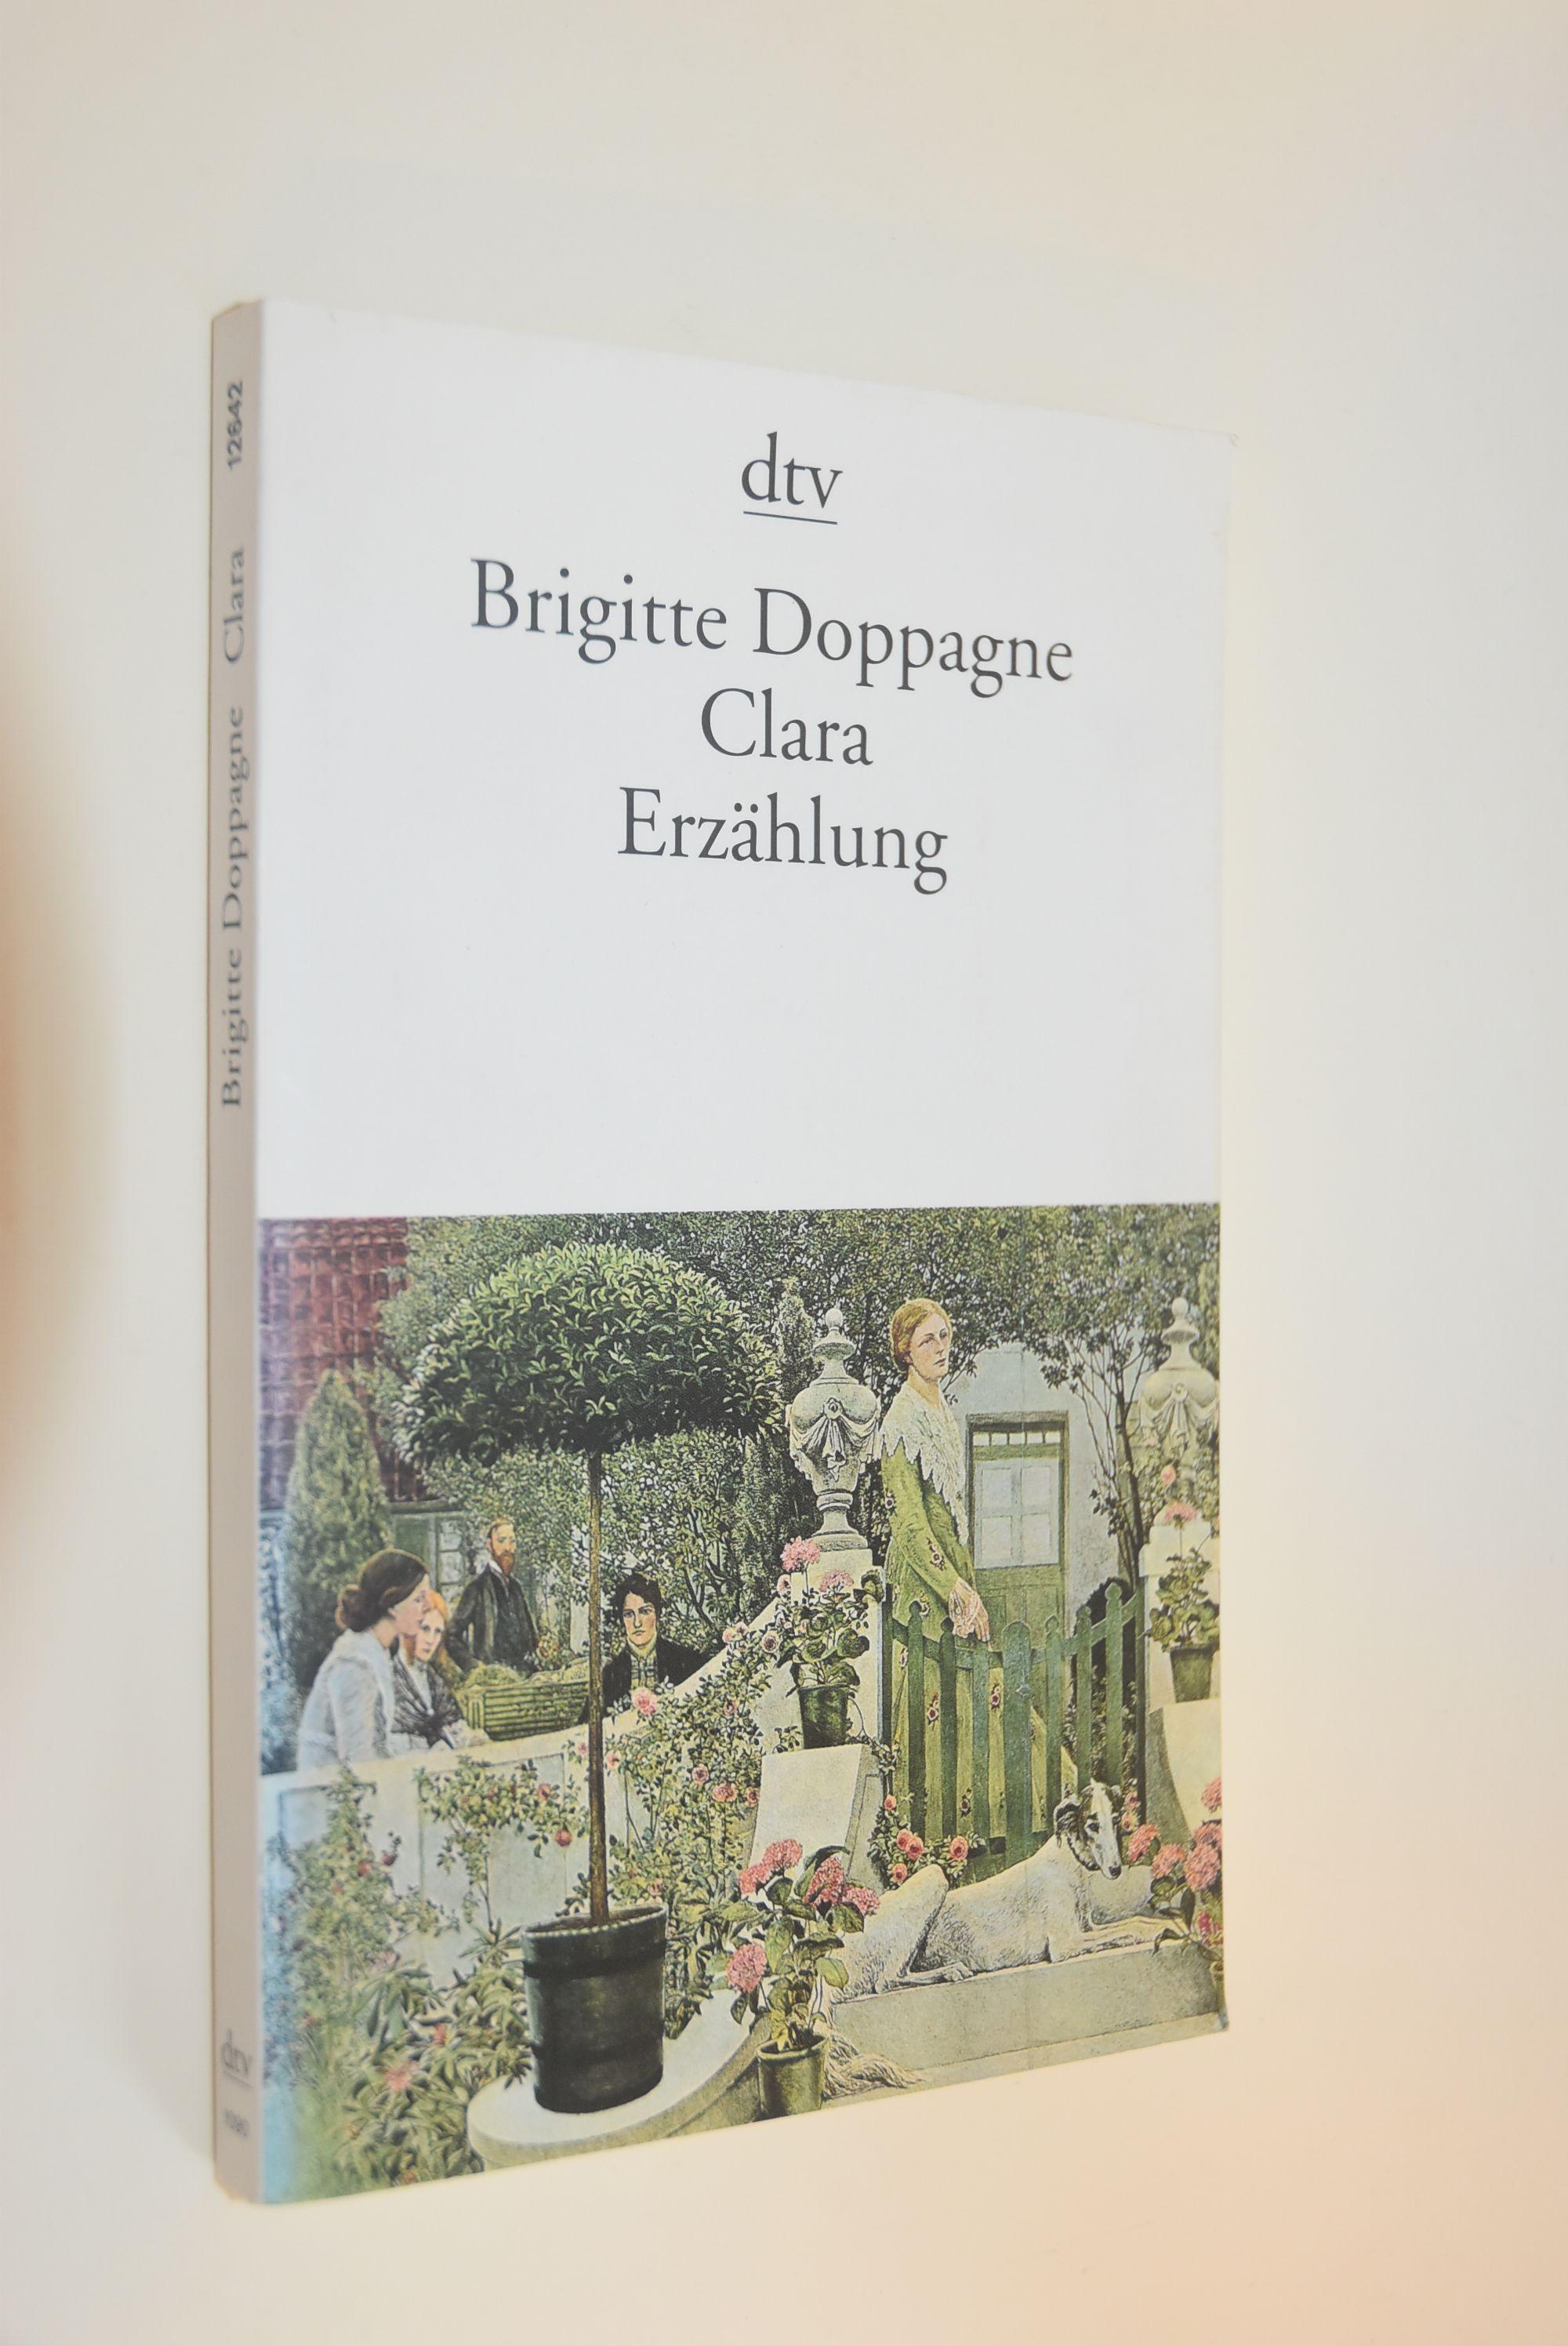 Clara : eine Erzählung. Brigitte Doppagne / dtv ; 12642 - Doppagne, Brigitte (Verfasser)